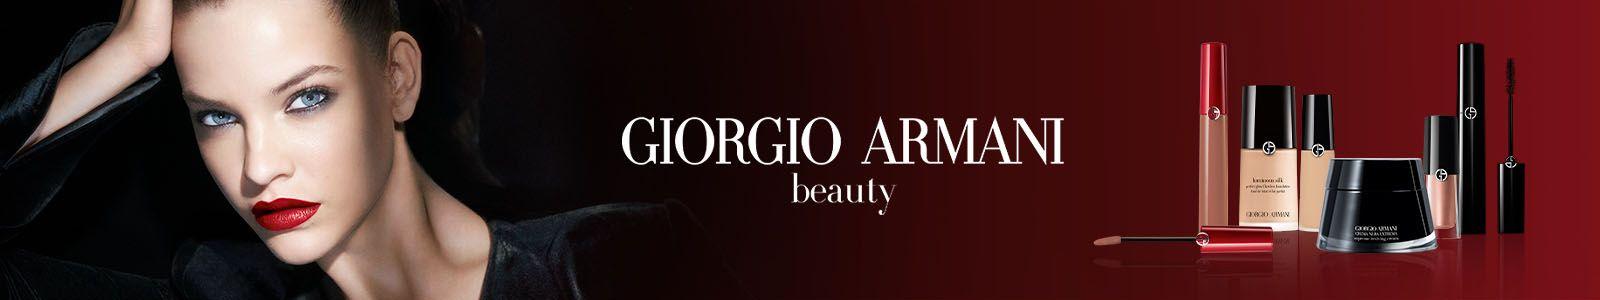 Giorgio Armani, beauty